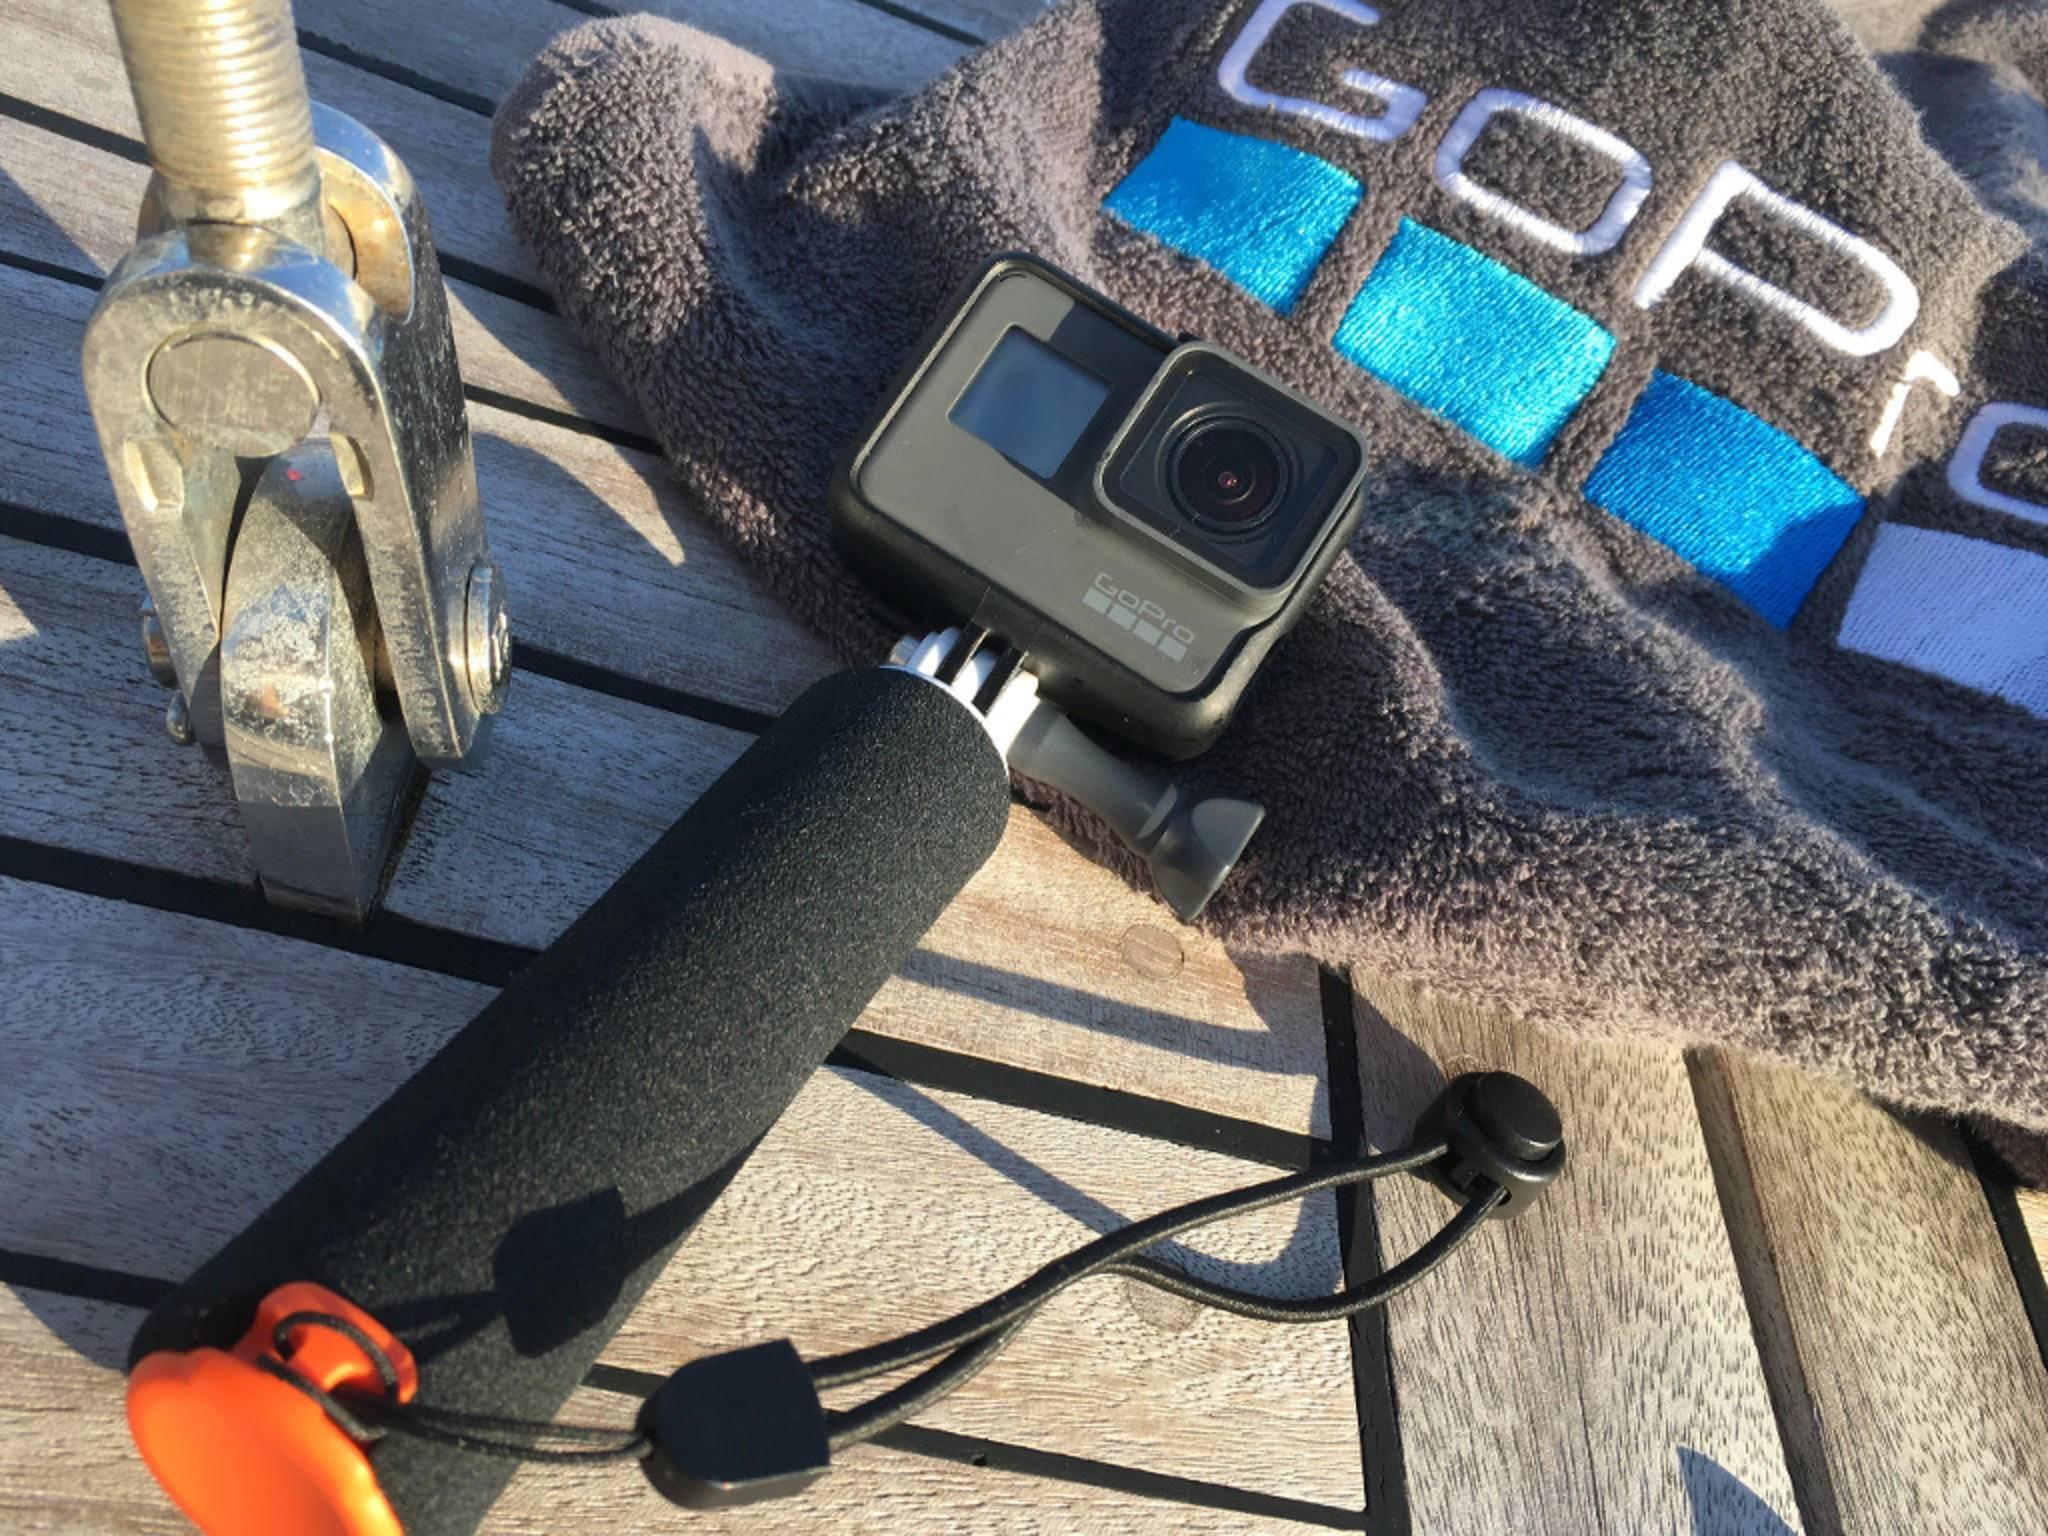 Die GoPro Hero 5 istohne Gehäuse bis 10 Meter Tiefe wasserdicht.